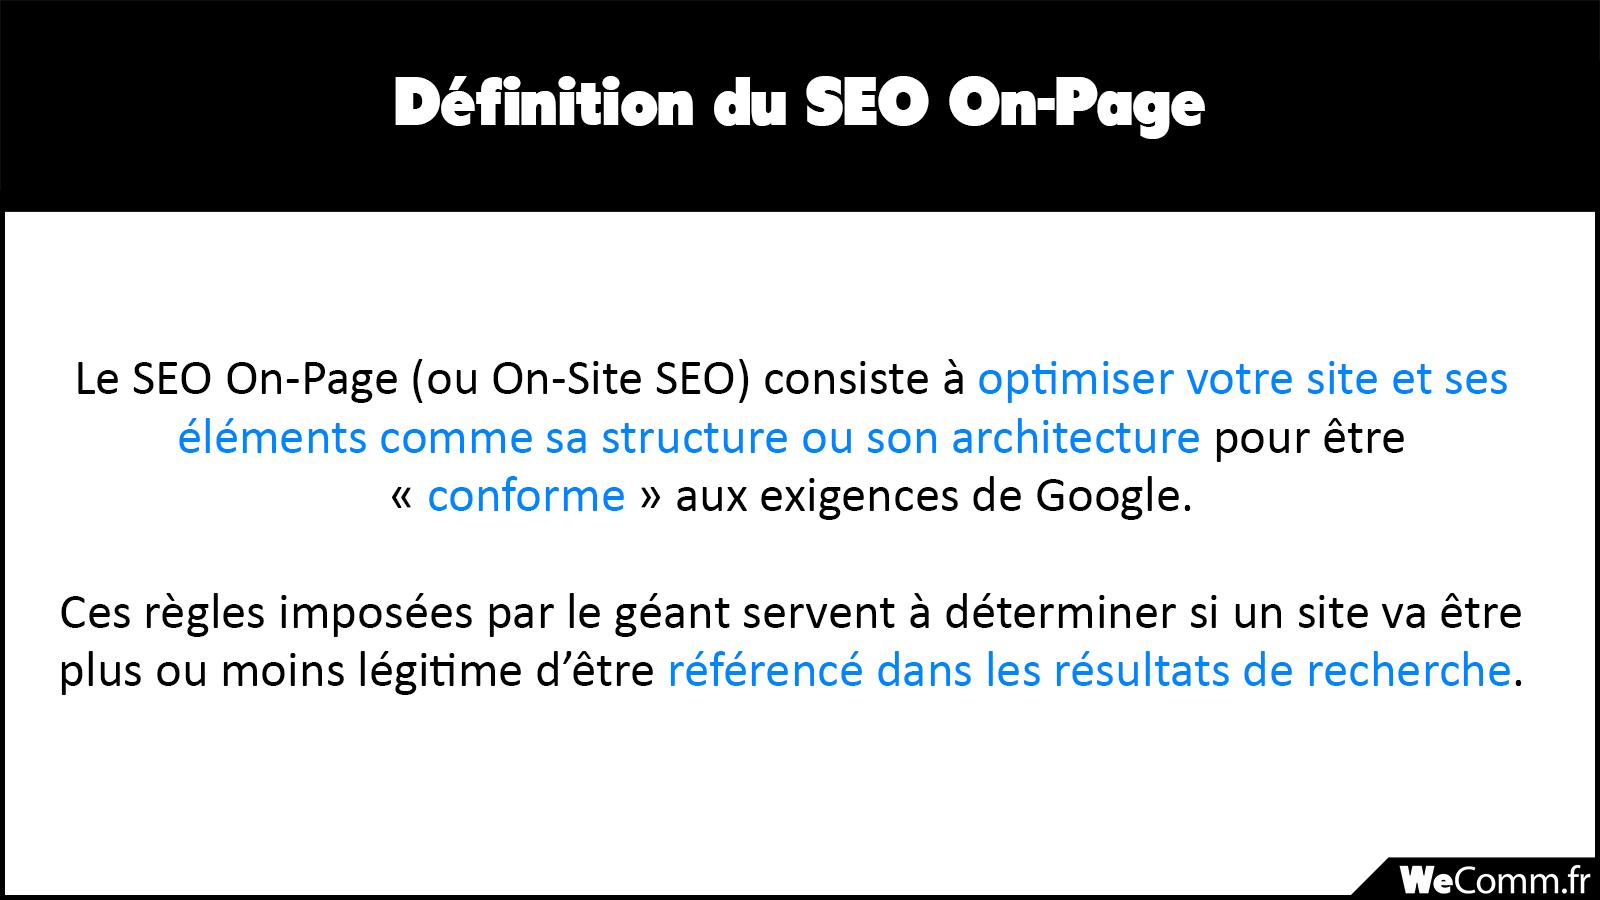 Définition du SEO On-Page